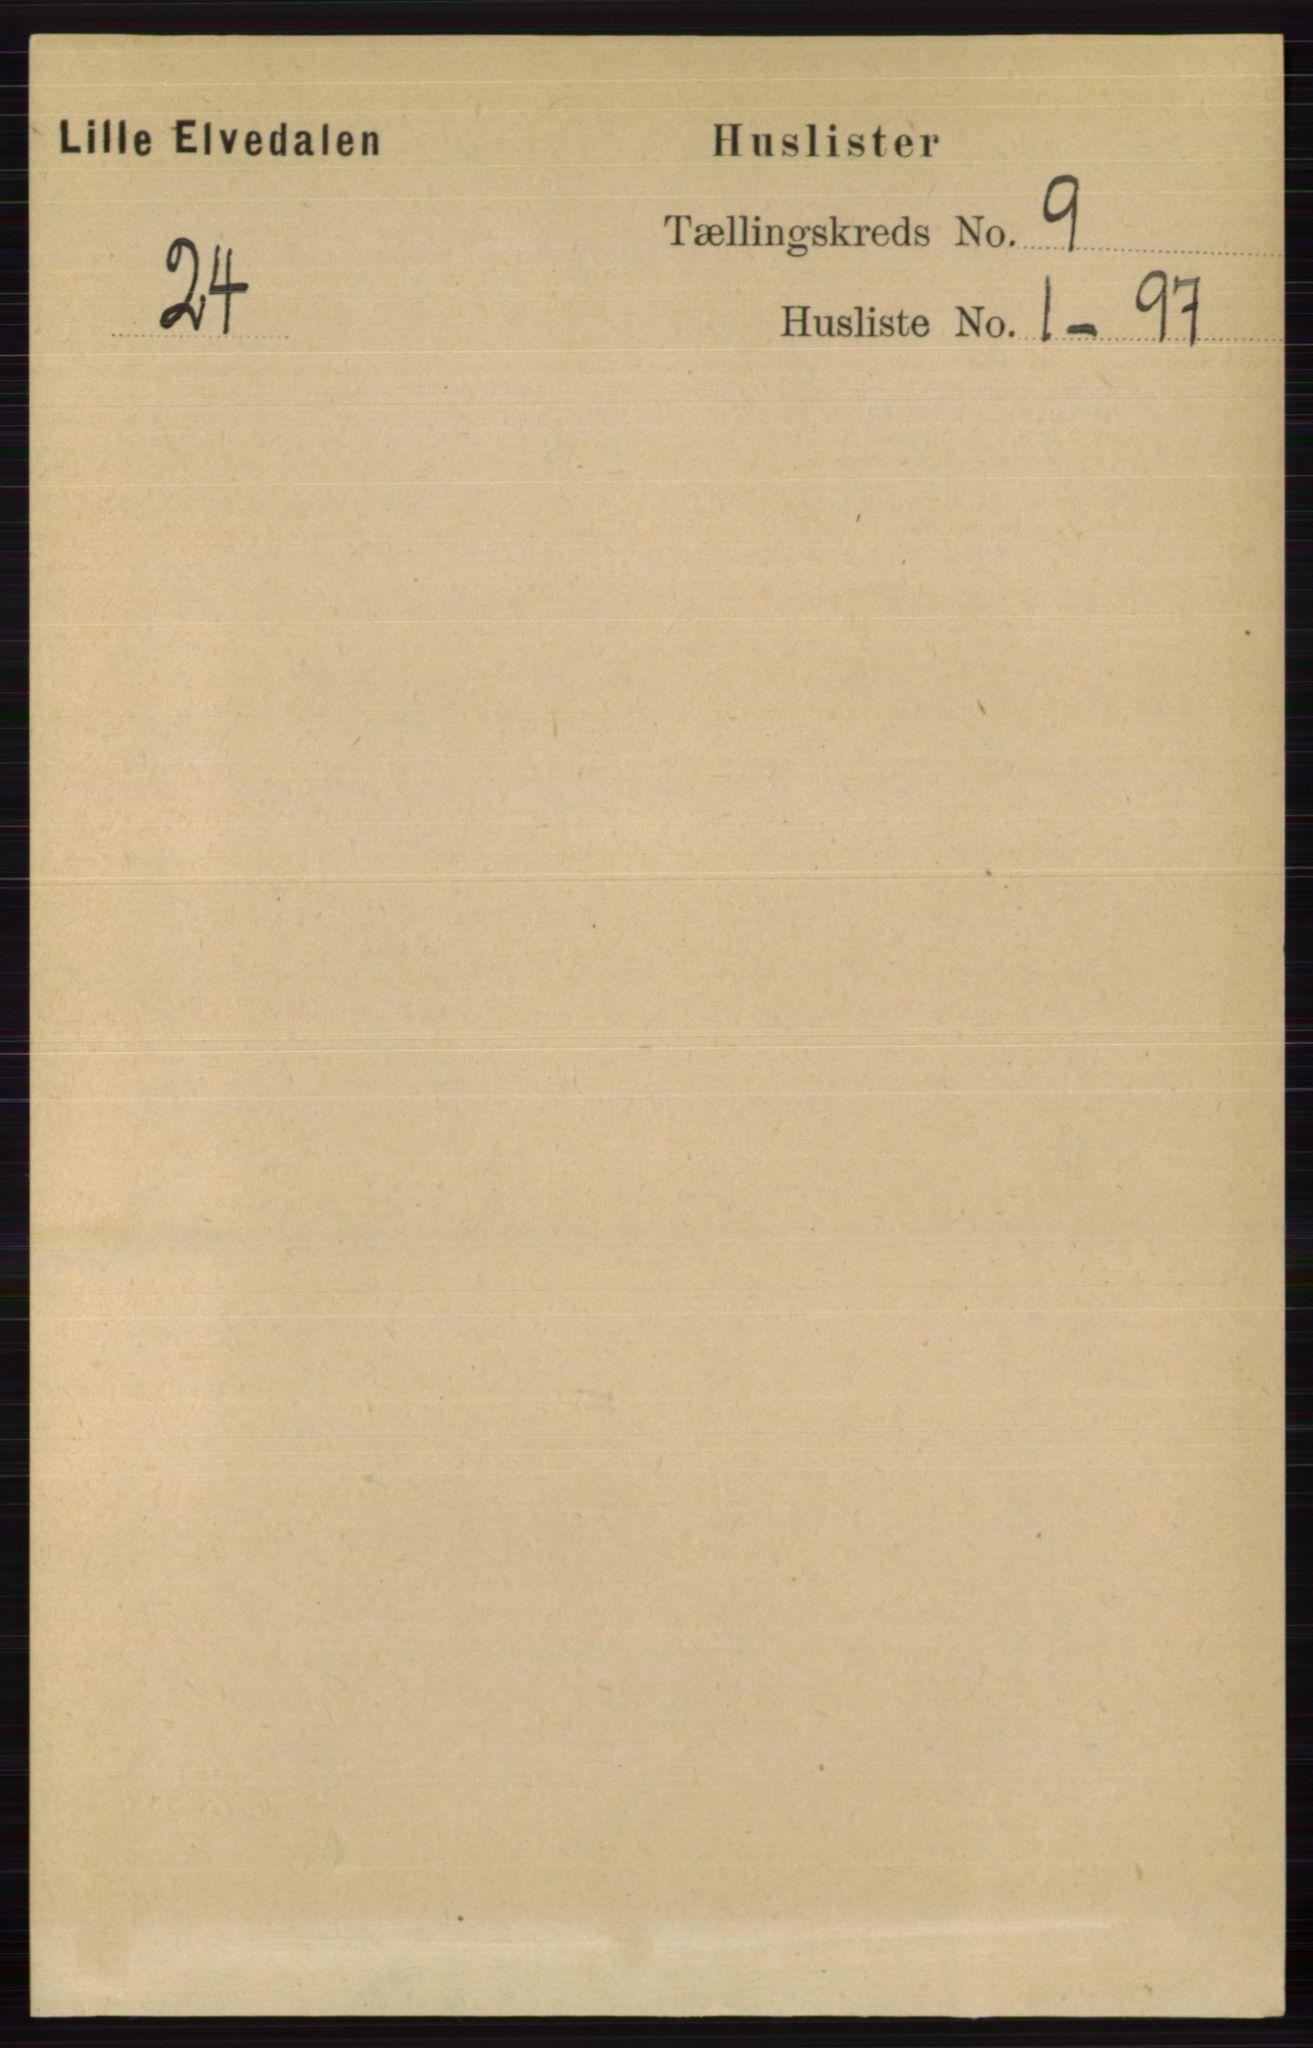 RA, Folketelling 1891 for 0438 Lille Elvedalen herred, 1891, s. 2698